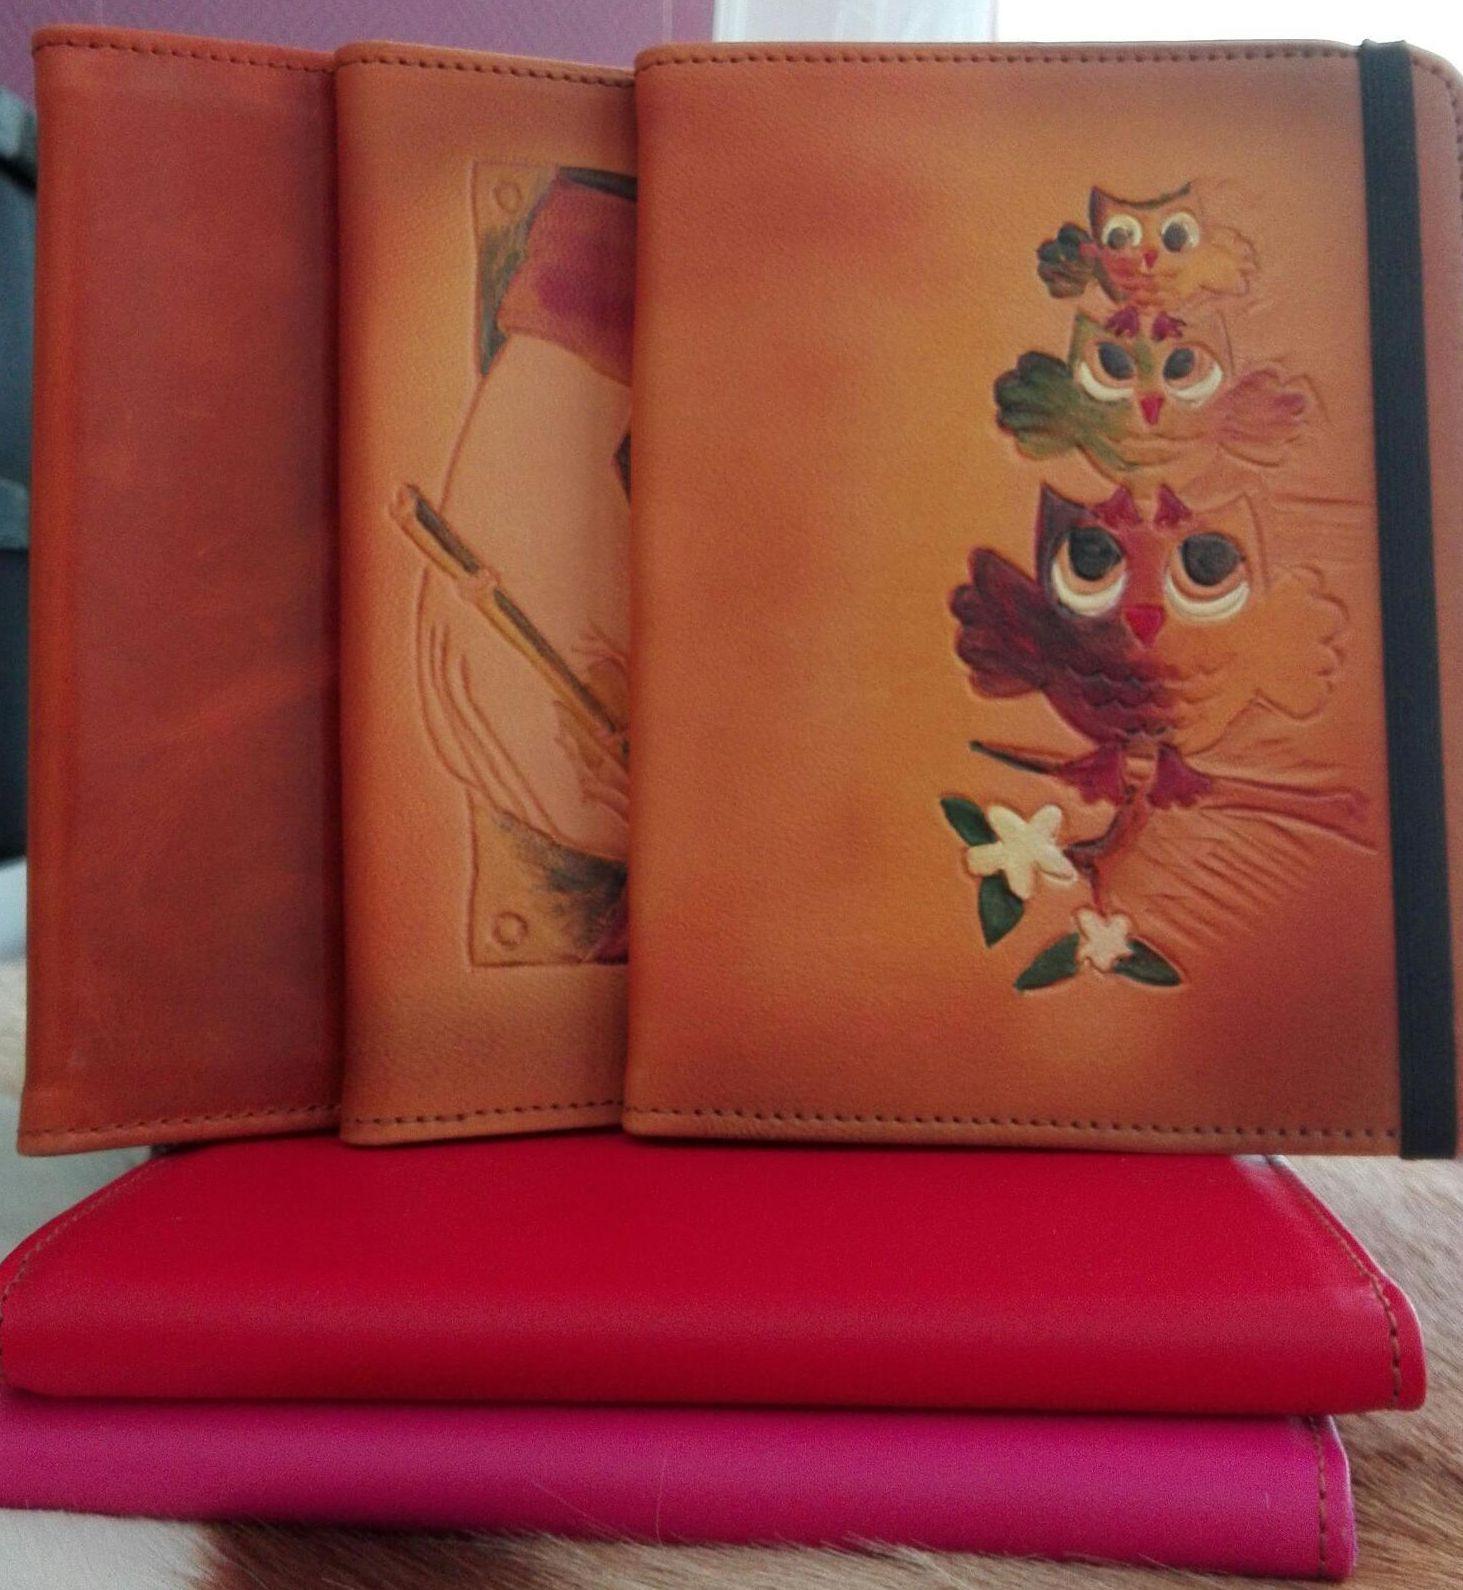 Funda para libro electrónico en Alcobendas